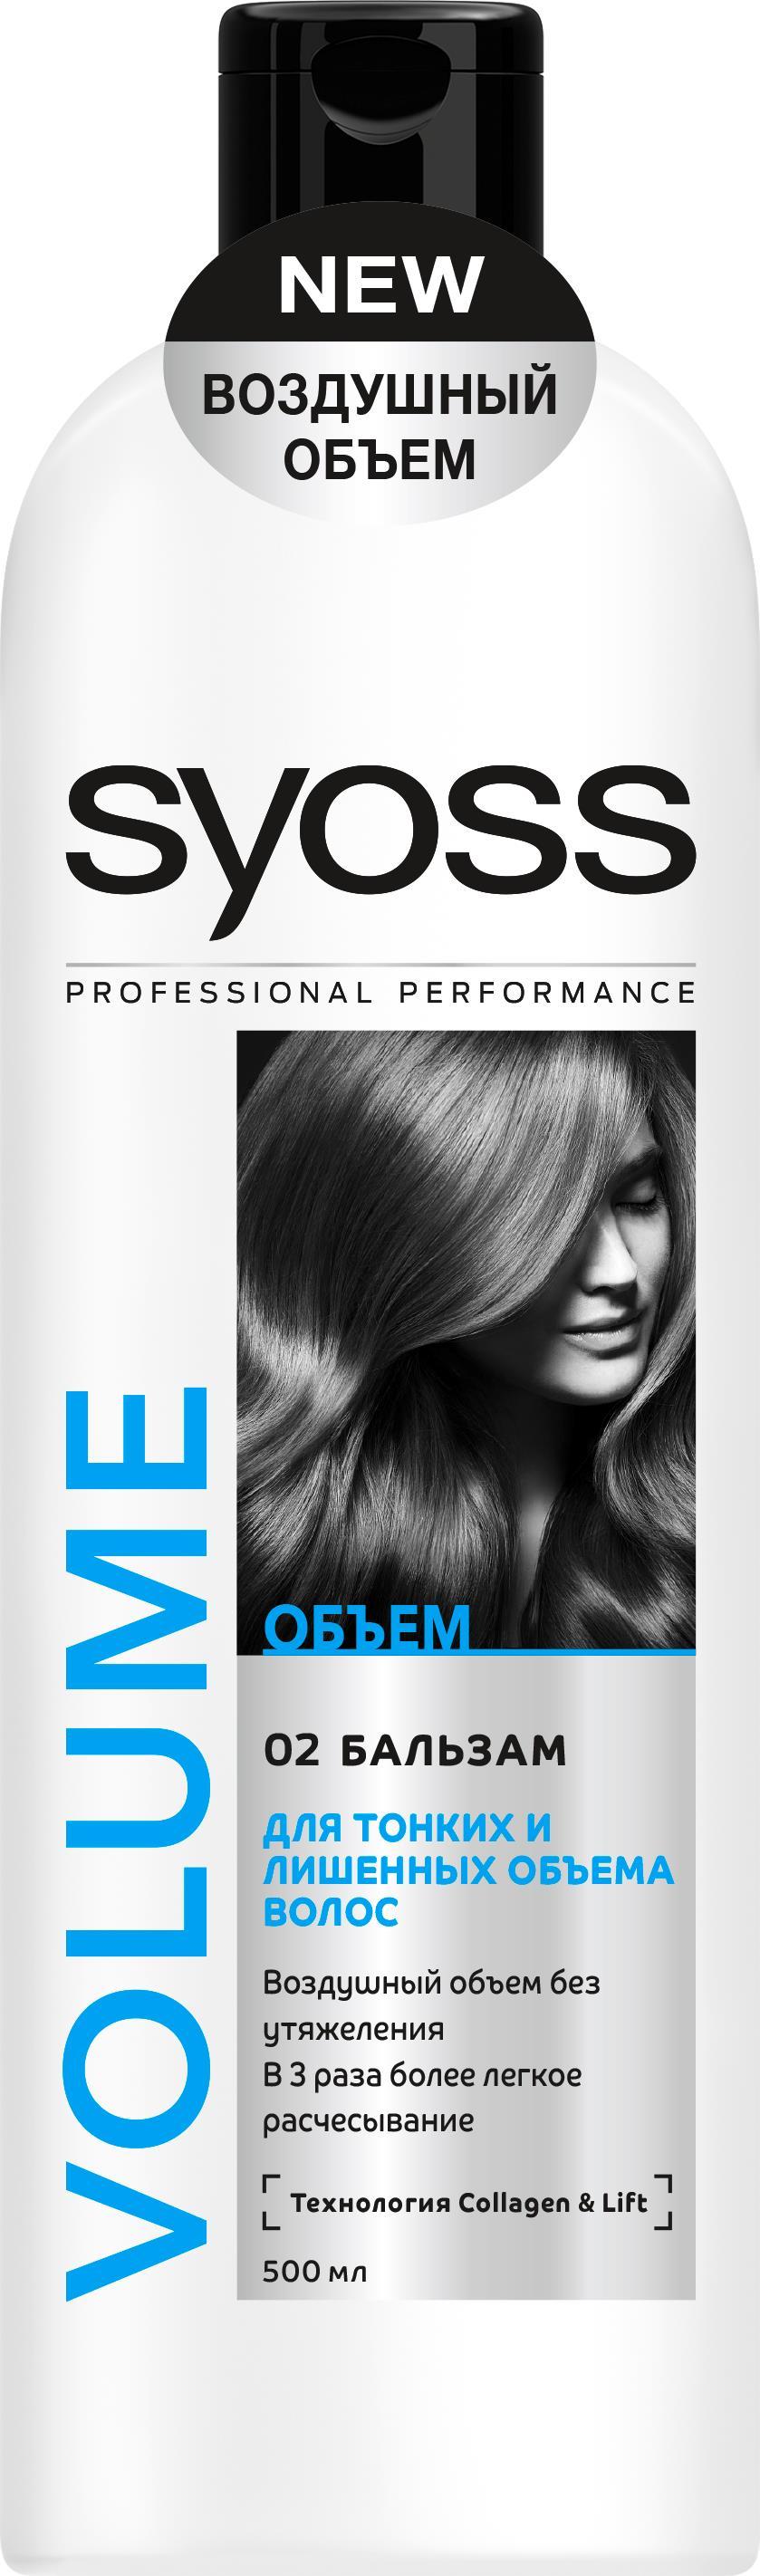 Syoss Бальзам Volume Lift, для тонких, ослабленных волос, 500 мл syoss syoss лак для волос volume lift 75 мл